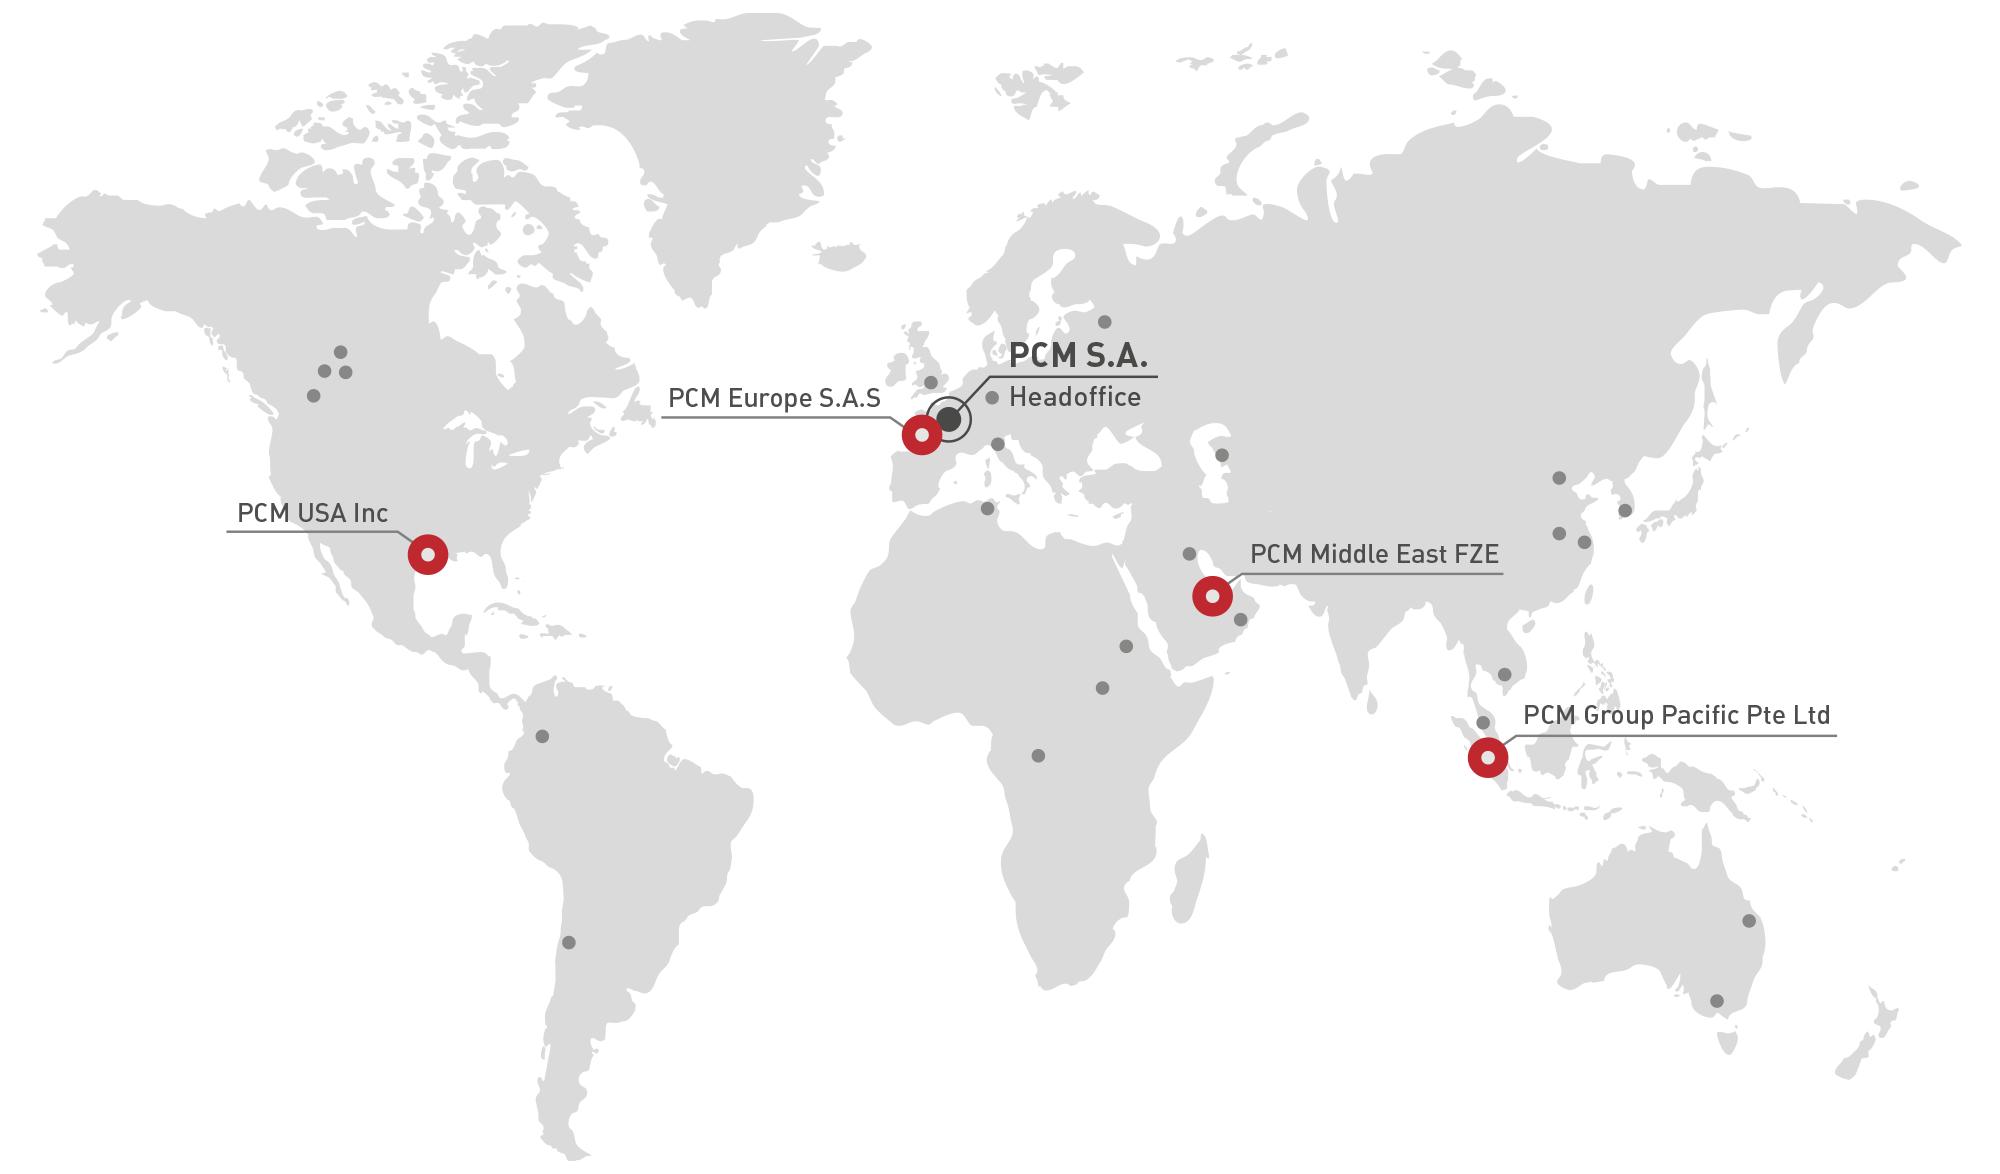 PCM Kontakte weltweit für die Lebensmittelindustrie